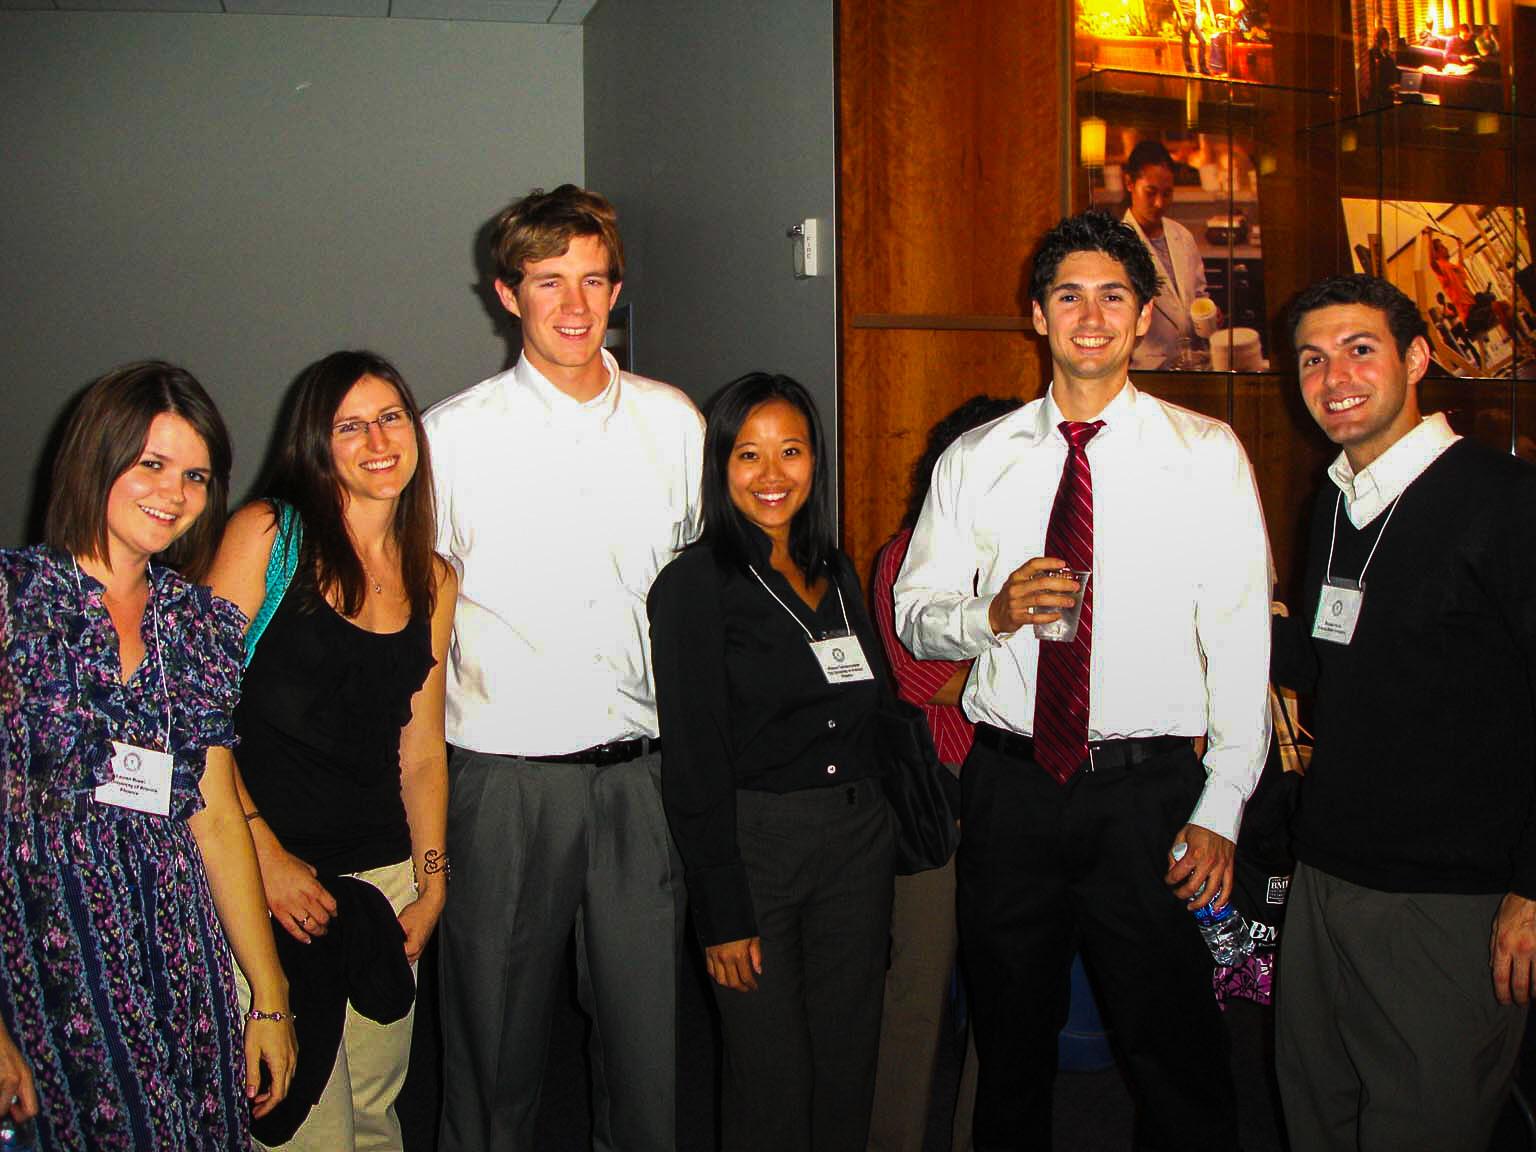 AZPS Meeting - 2010 - Mixer 2.jpg